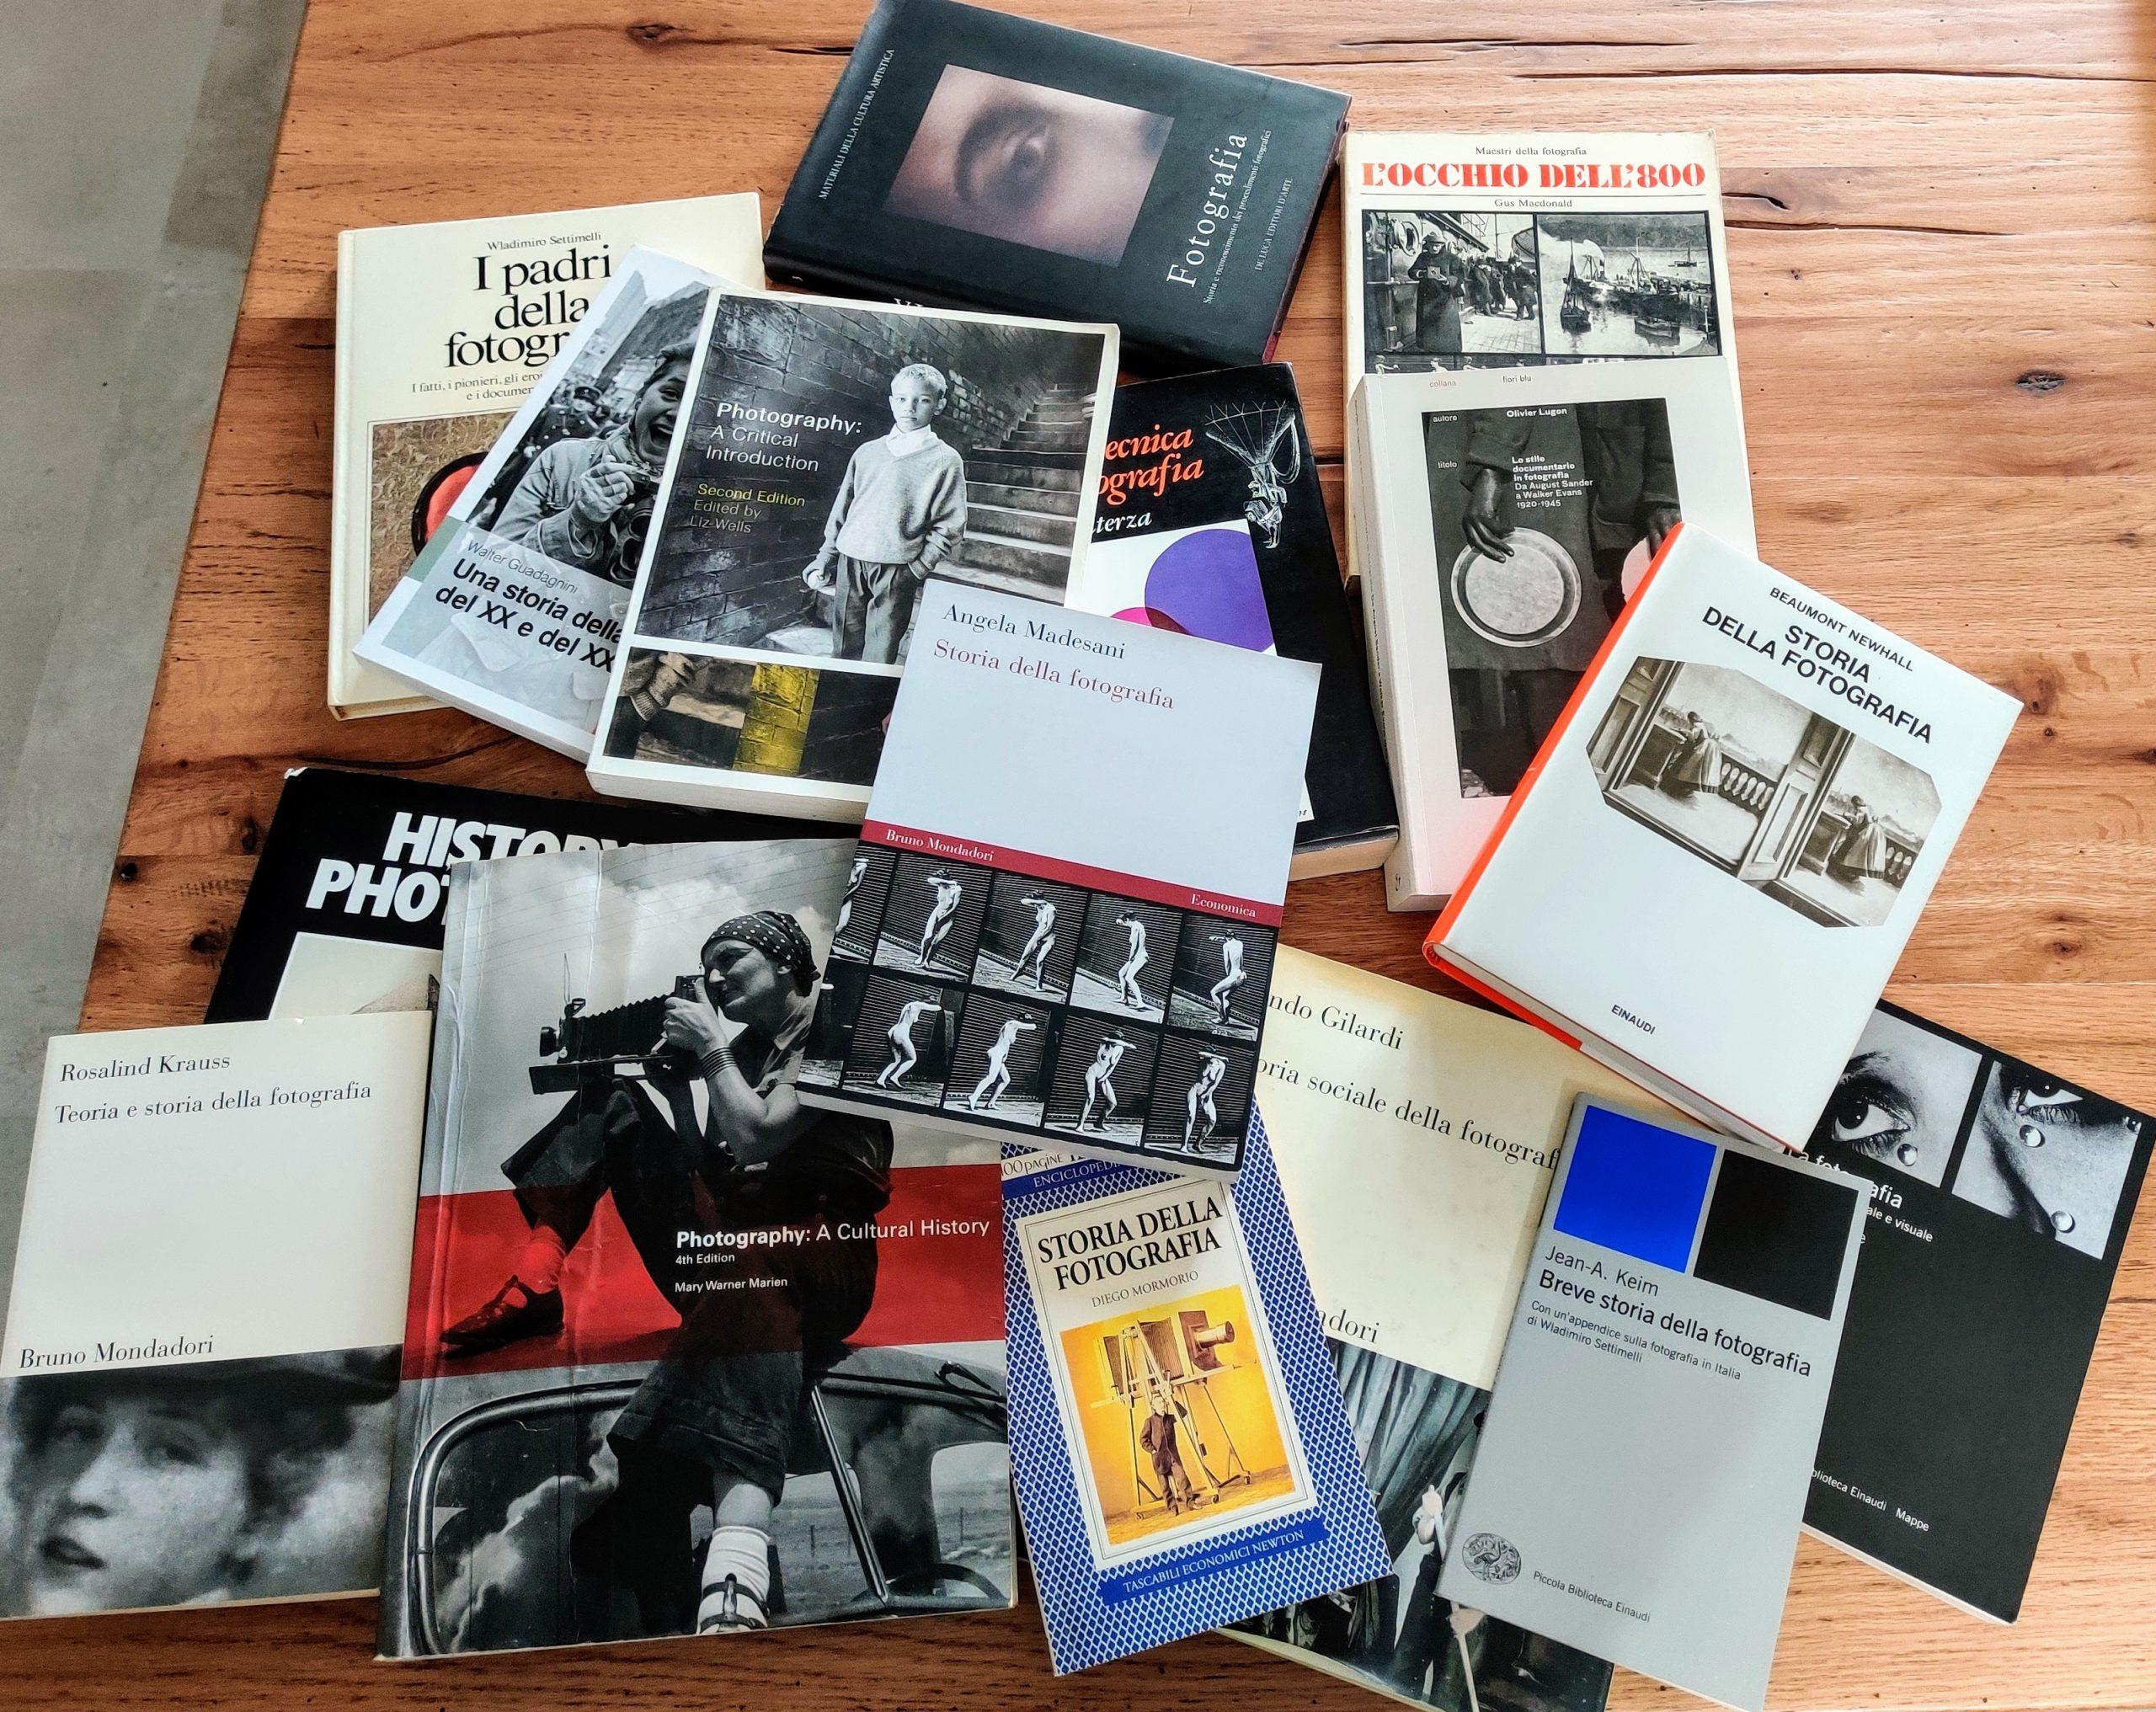 La storia della fotografia in sei incontri on line